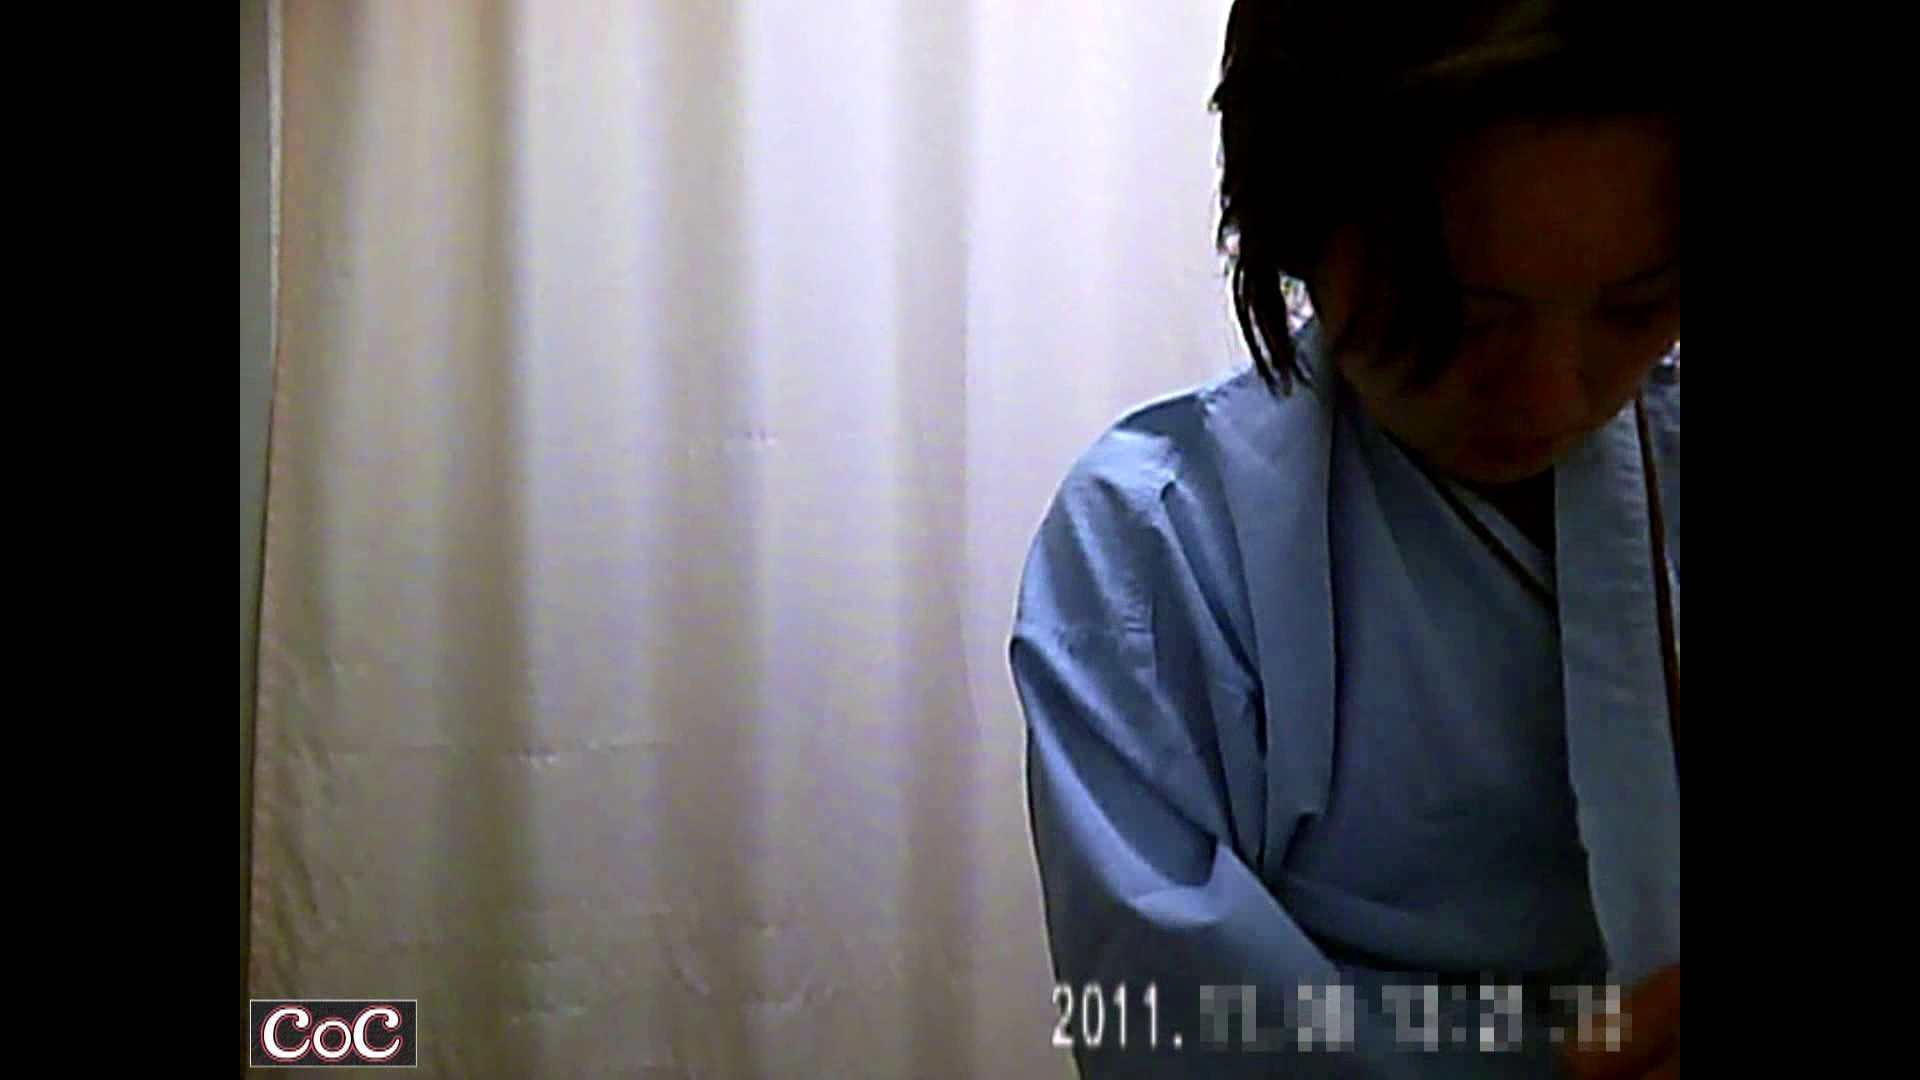 病院おもいっきり着替え! vol.84 エロティックなOL 盗撮画像 102画像 74